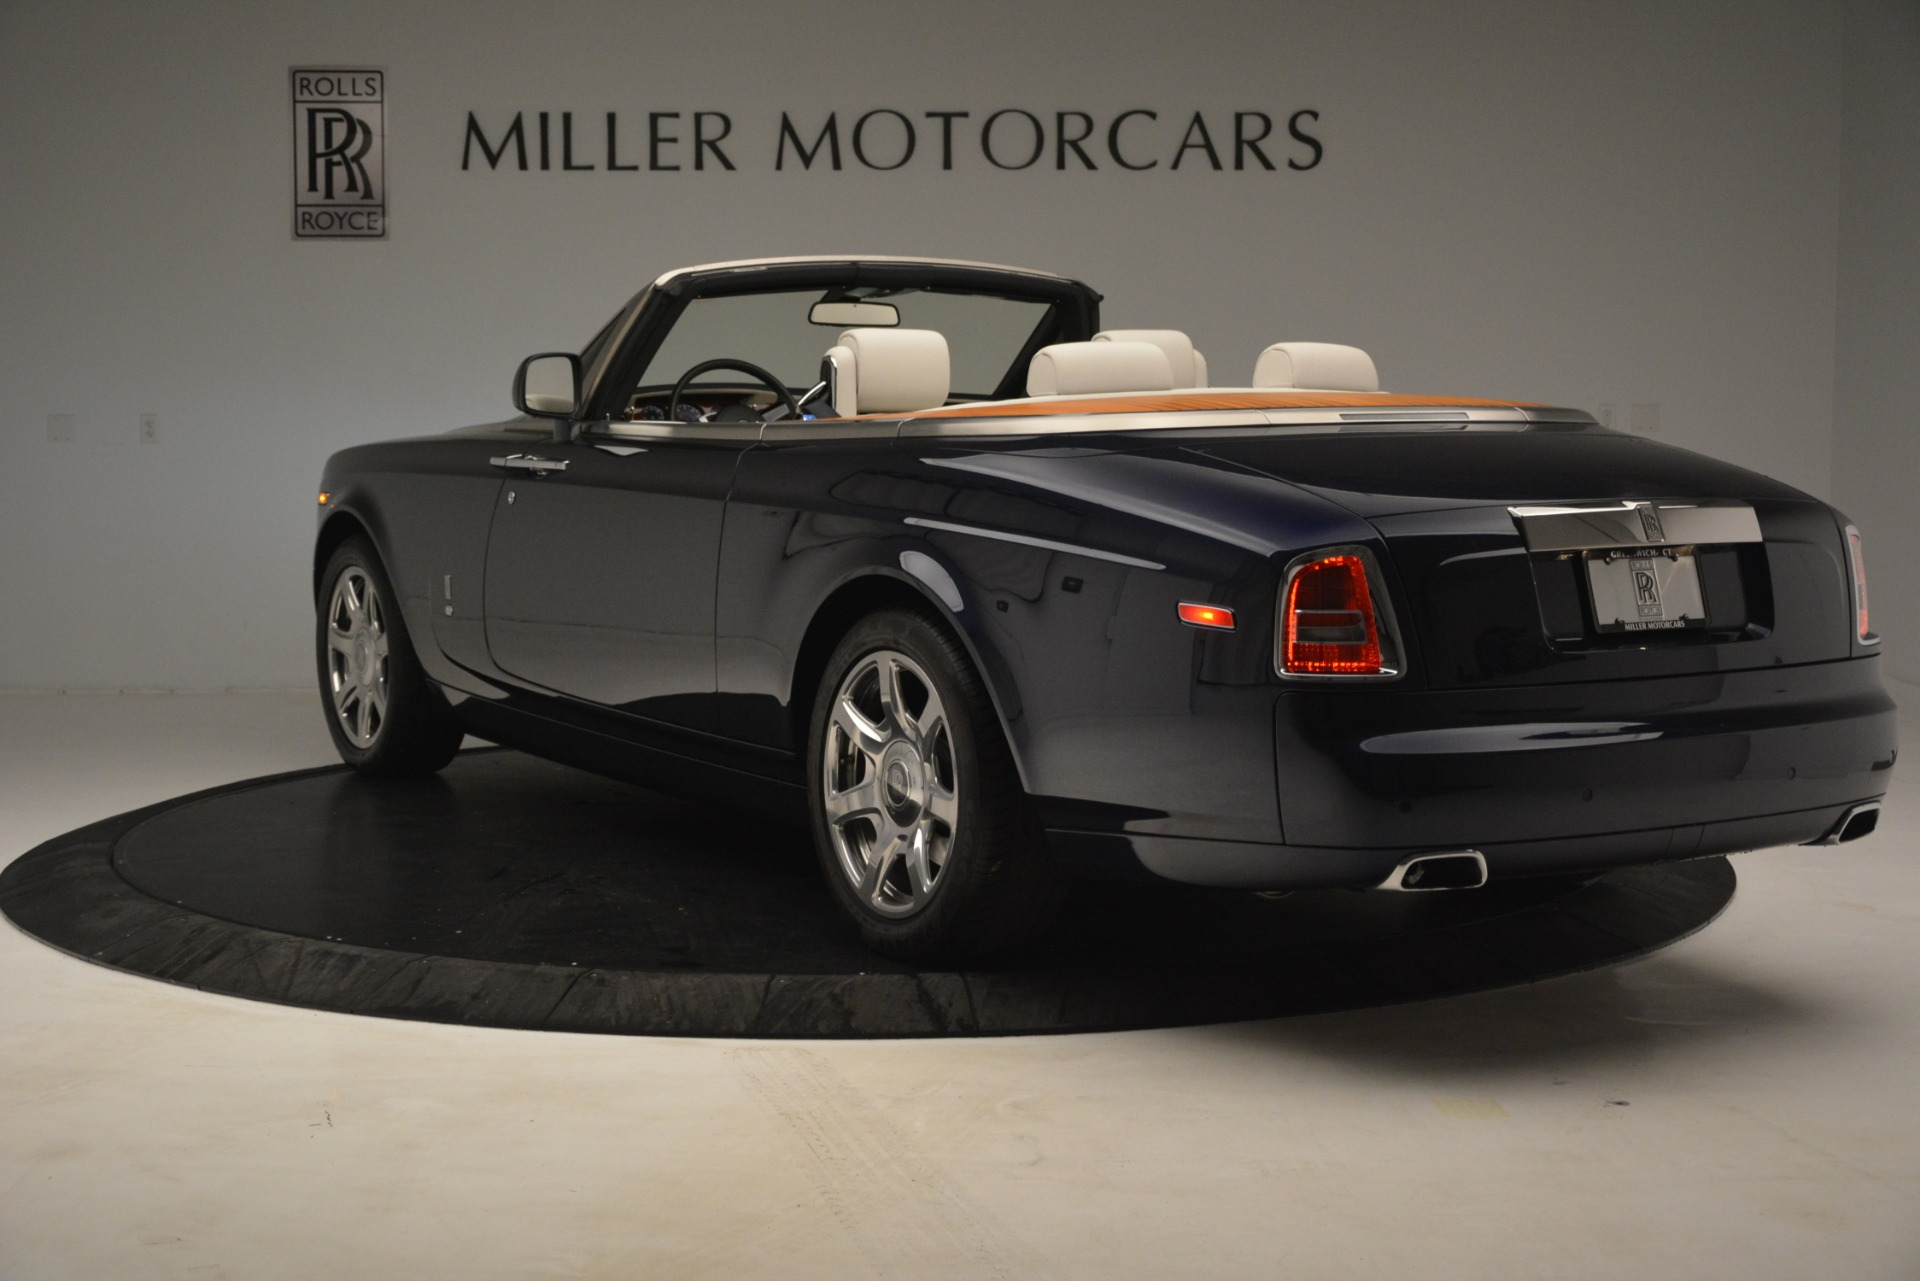 Used 2013 Rolls-Royce Phantom Drophead Coupe  For Sale In Westport, CT 2999_p8